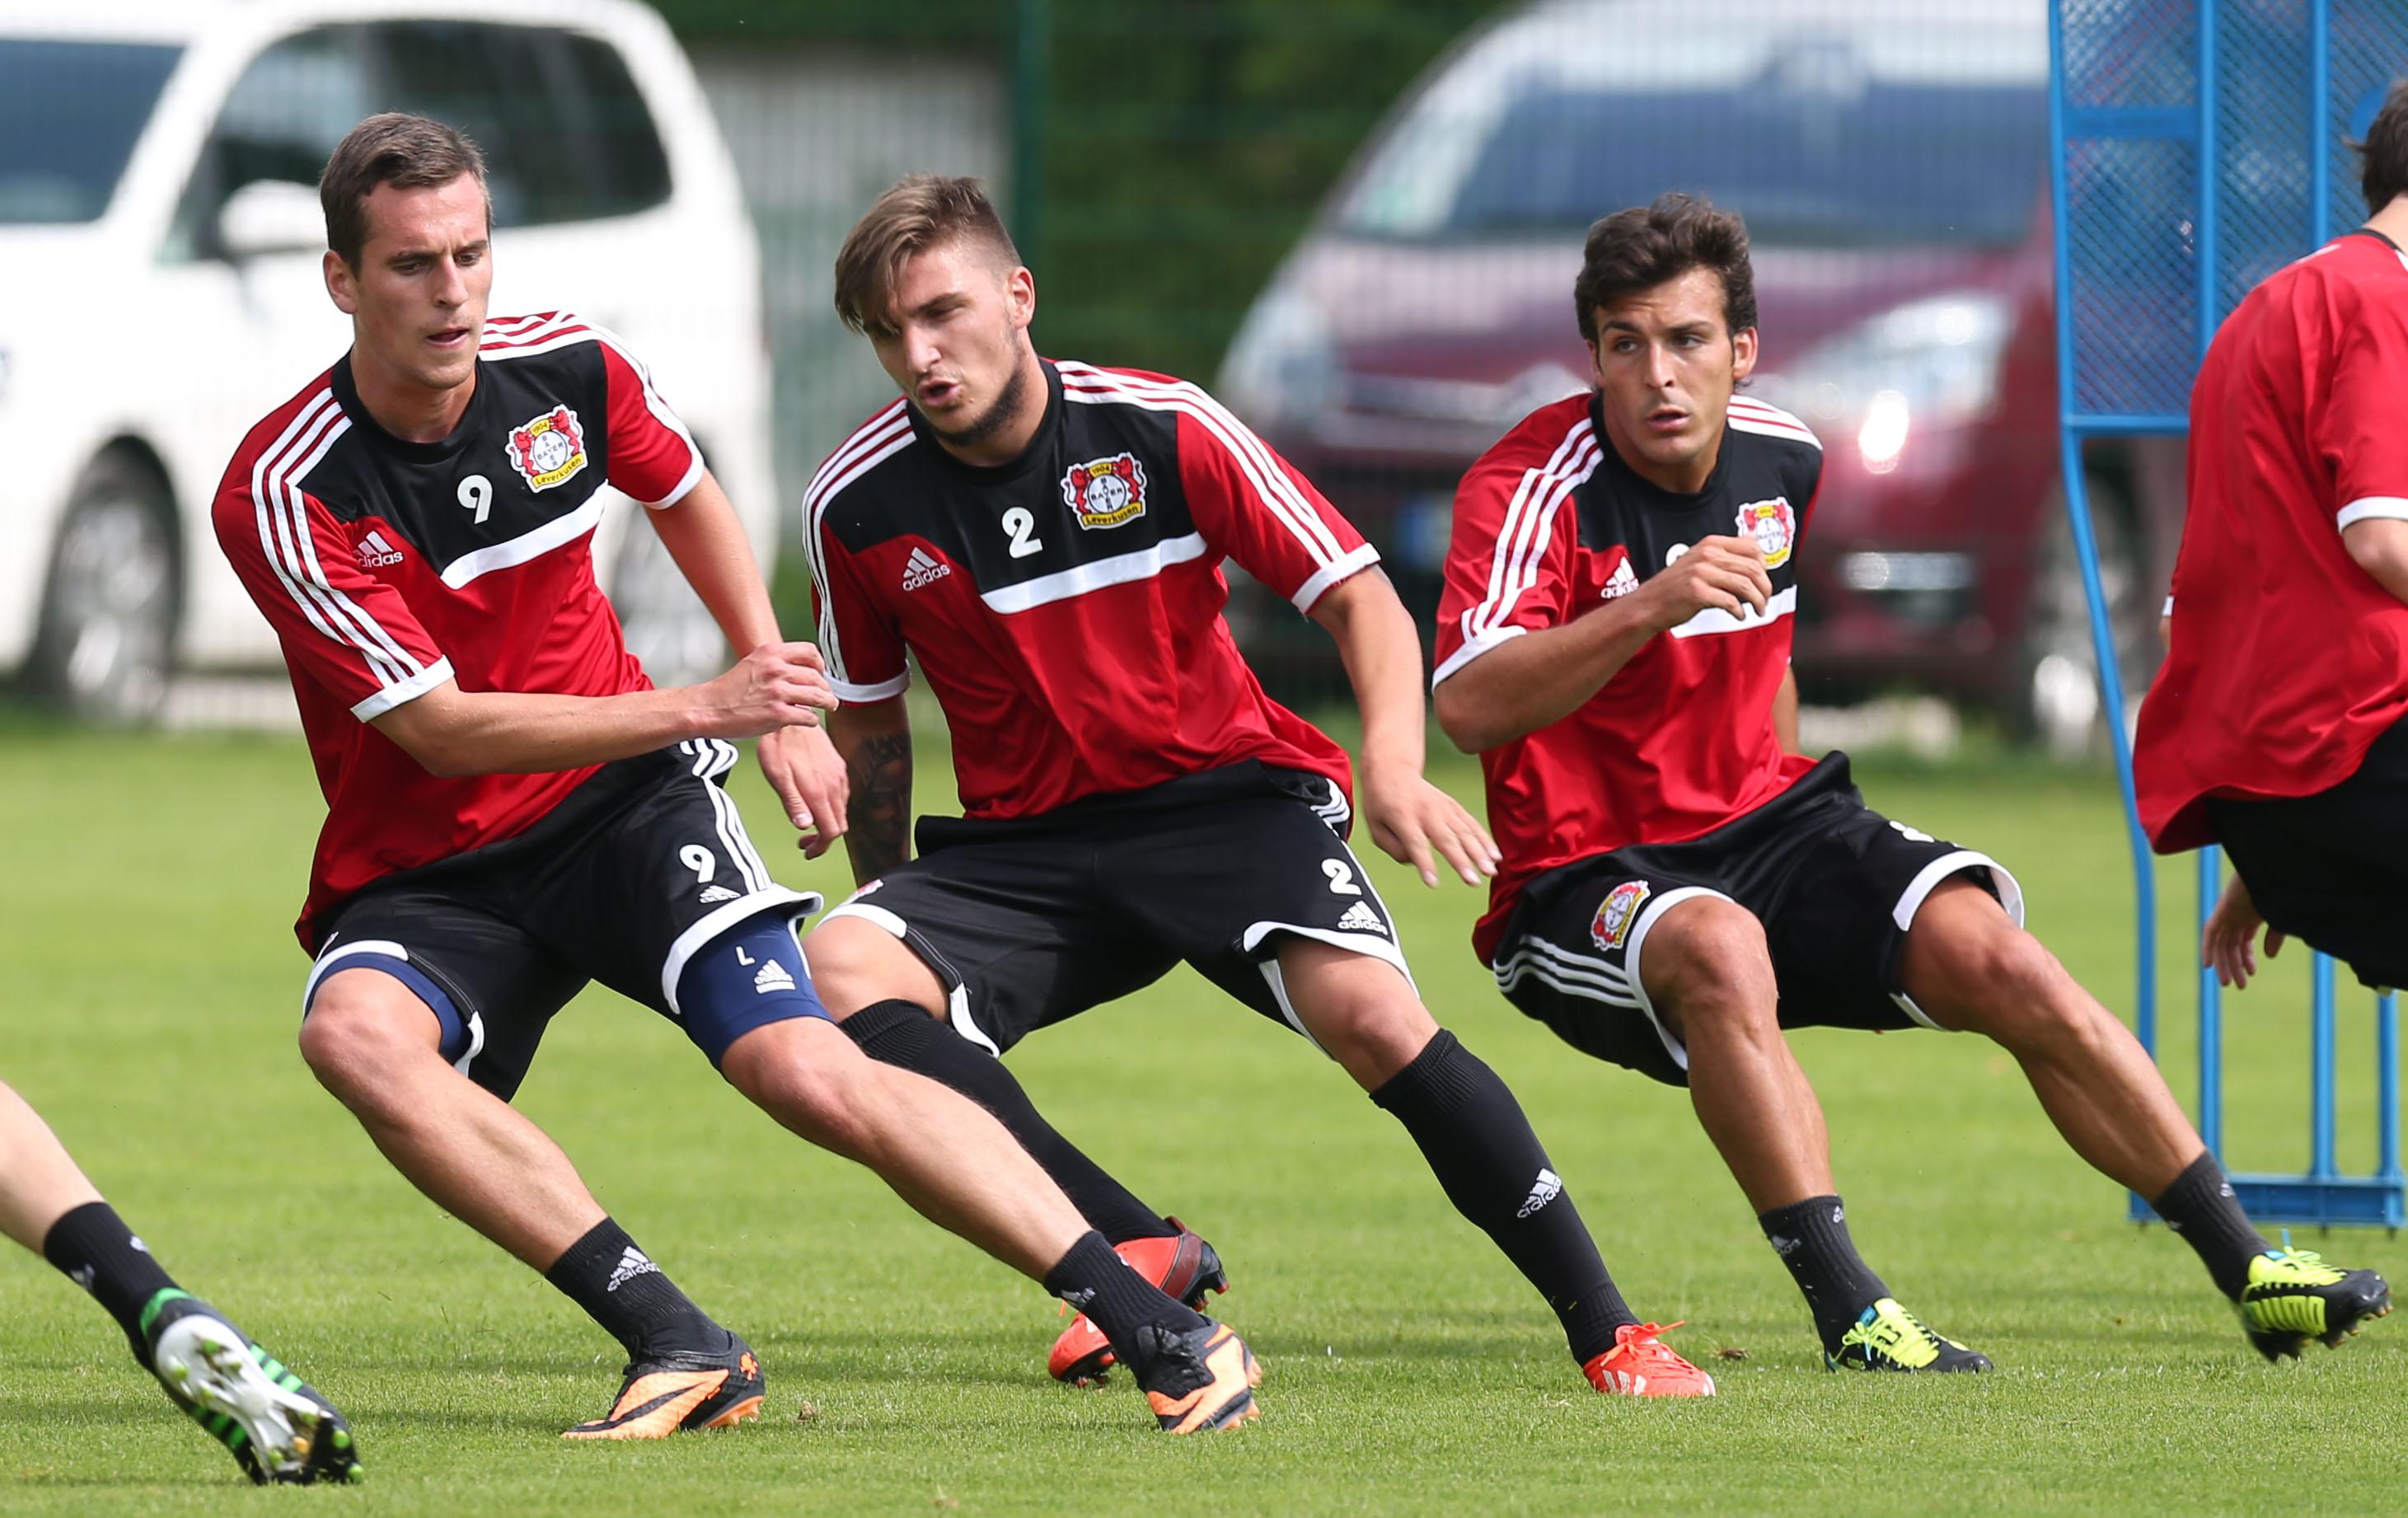 •Volle Kraft voraus Richtung Champions League: Beim Training im Zeller Latini-Stadion geht es richtig zur Sache.